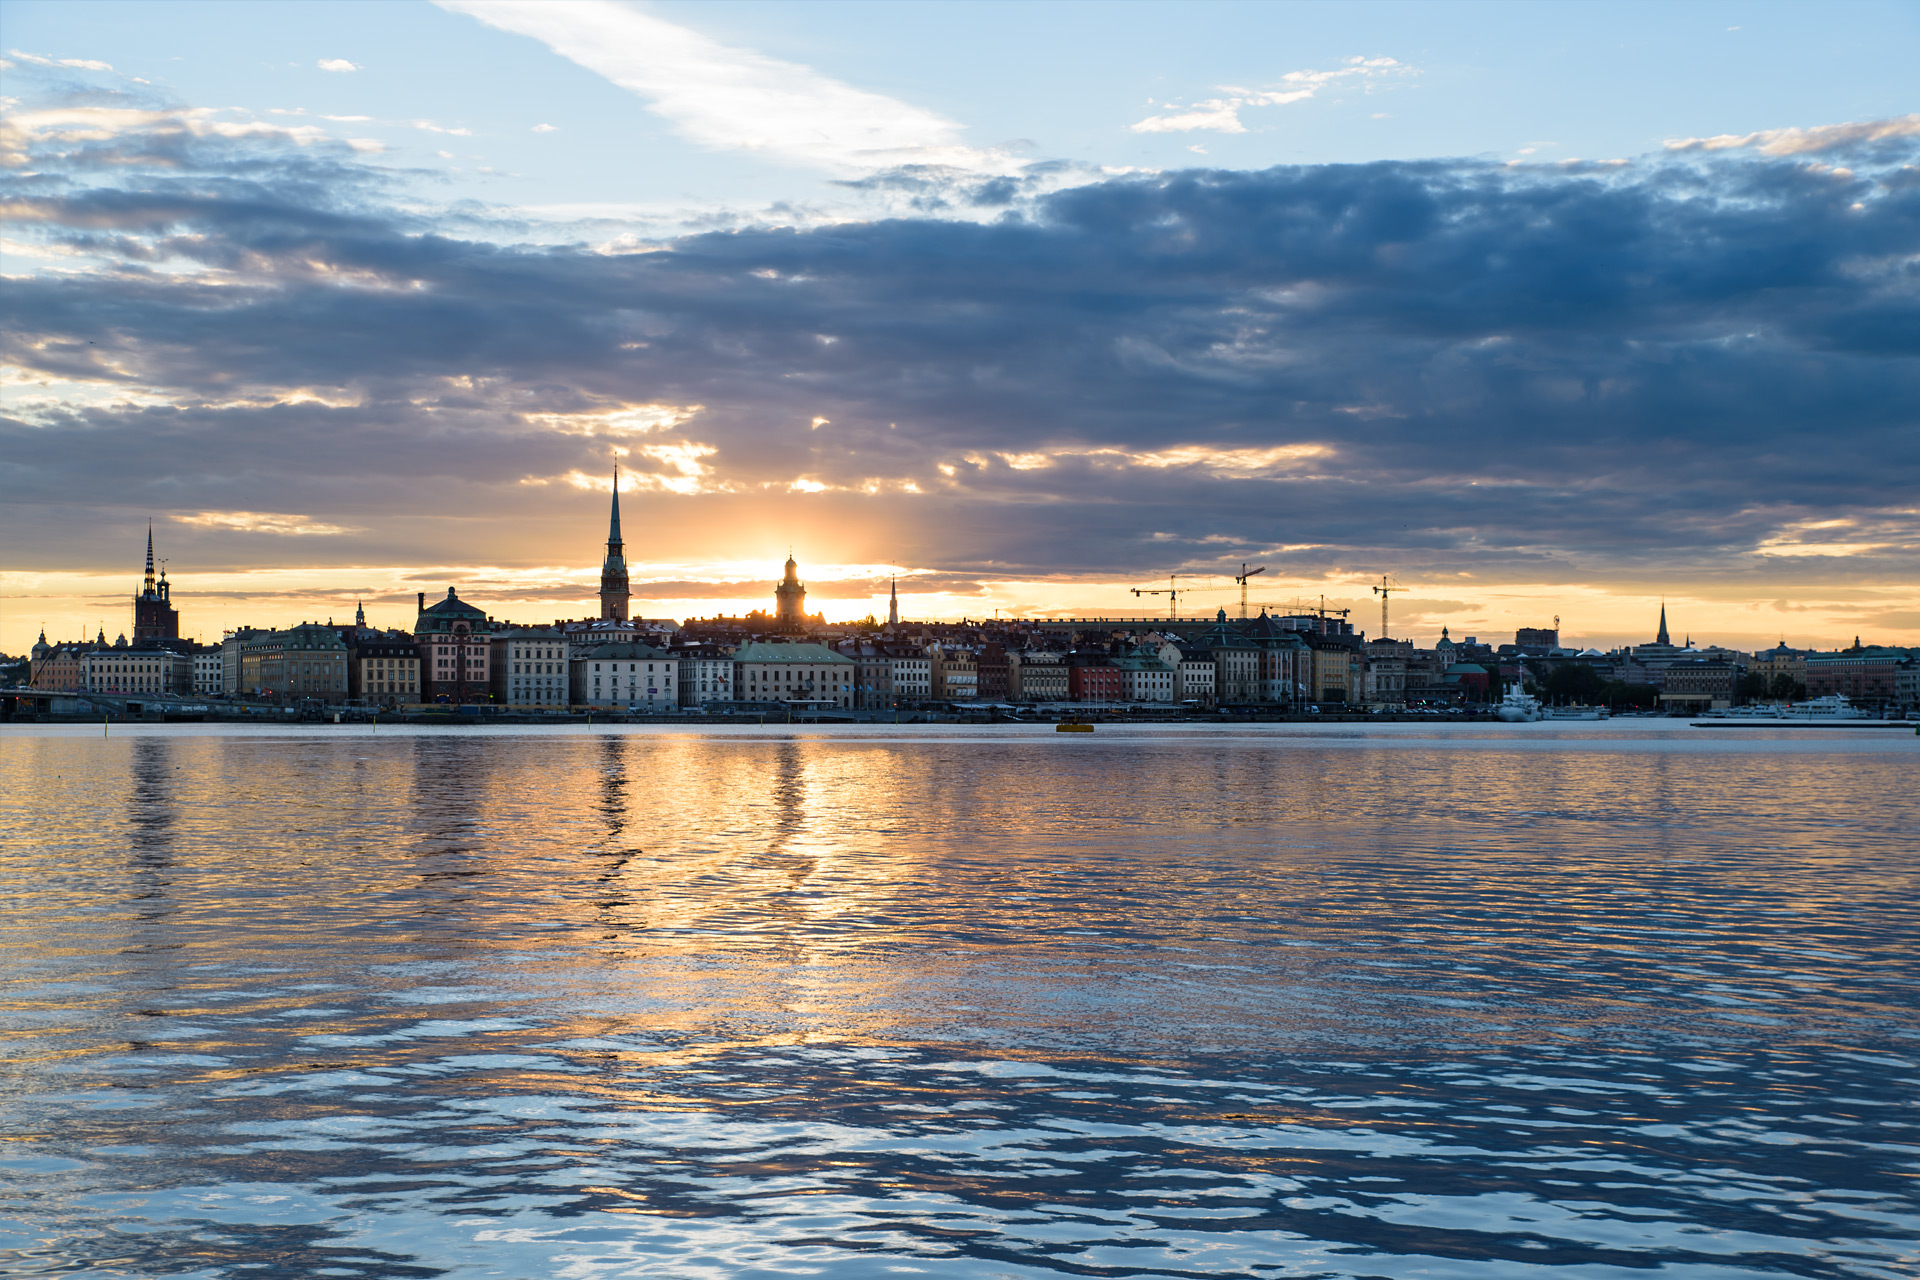 Sonnenuntergang von der Fotografiska aus gesehen